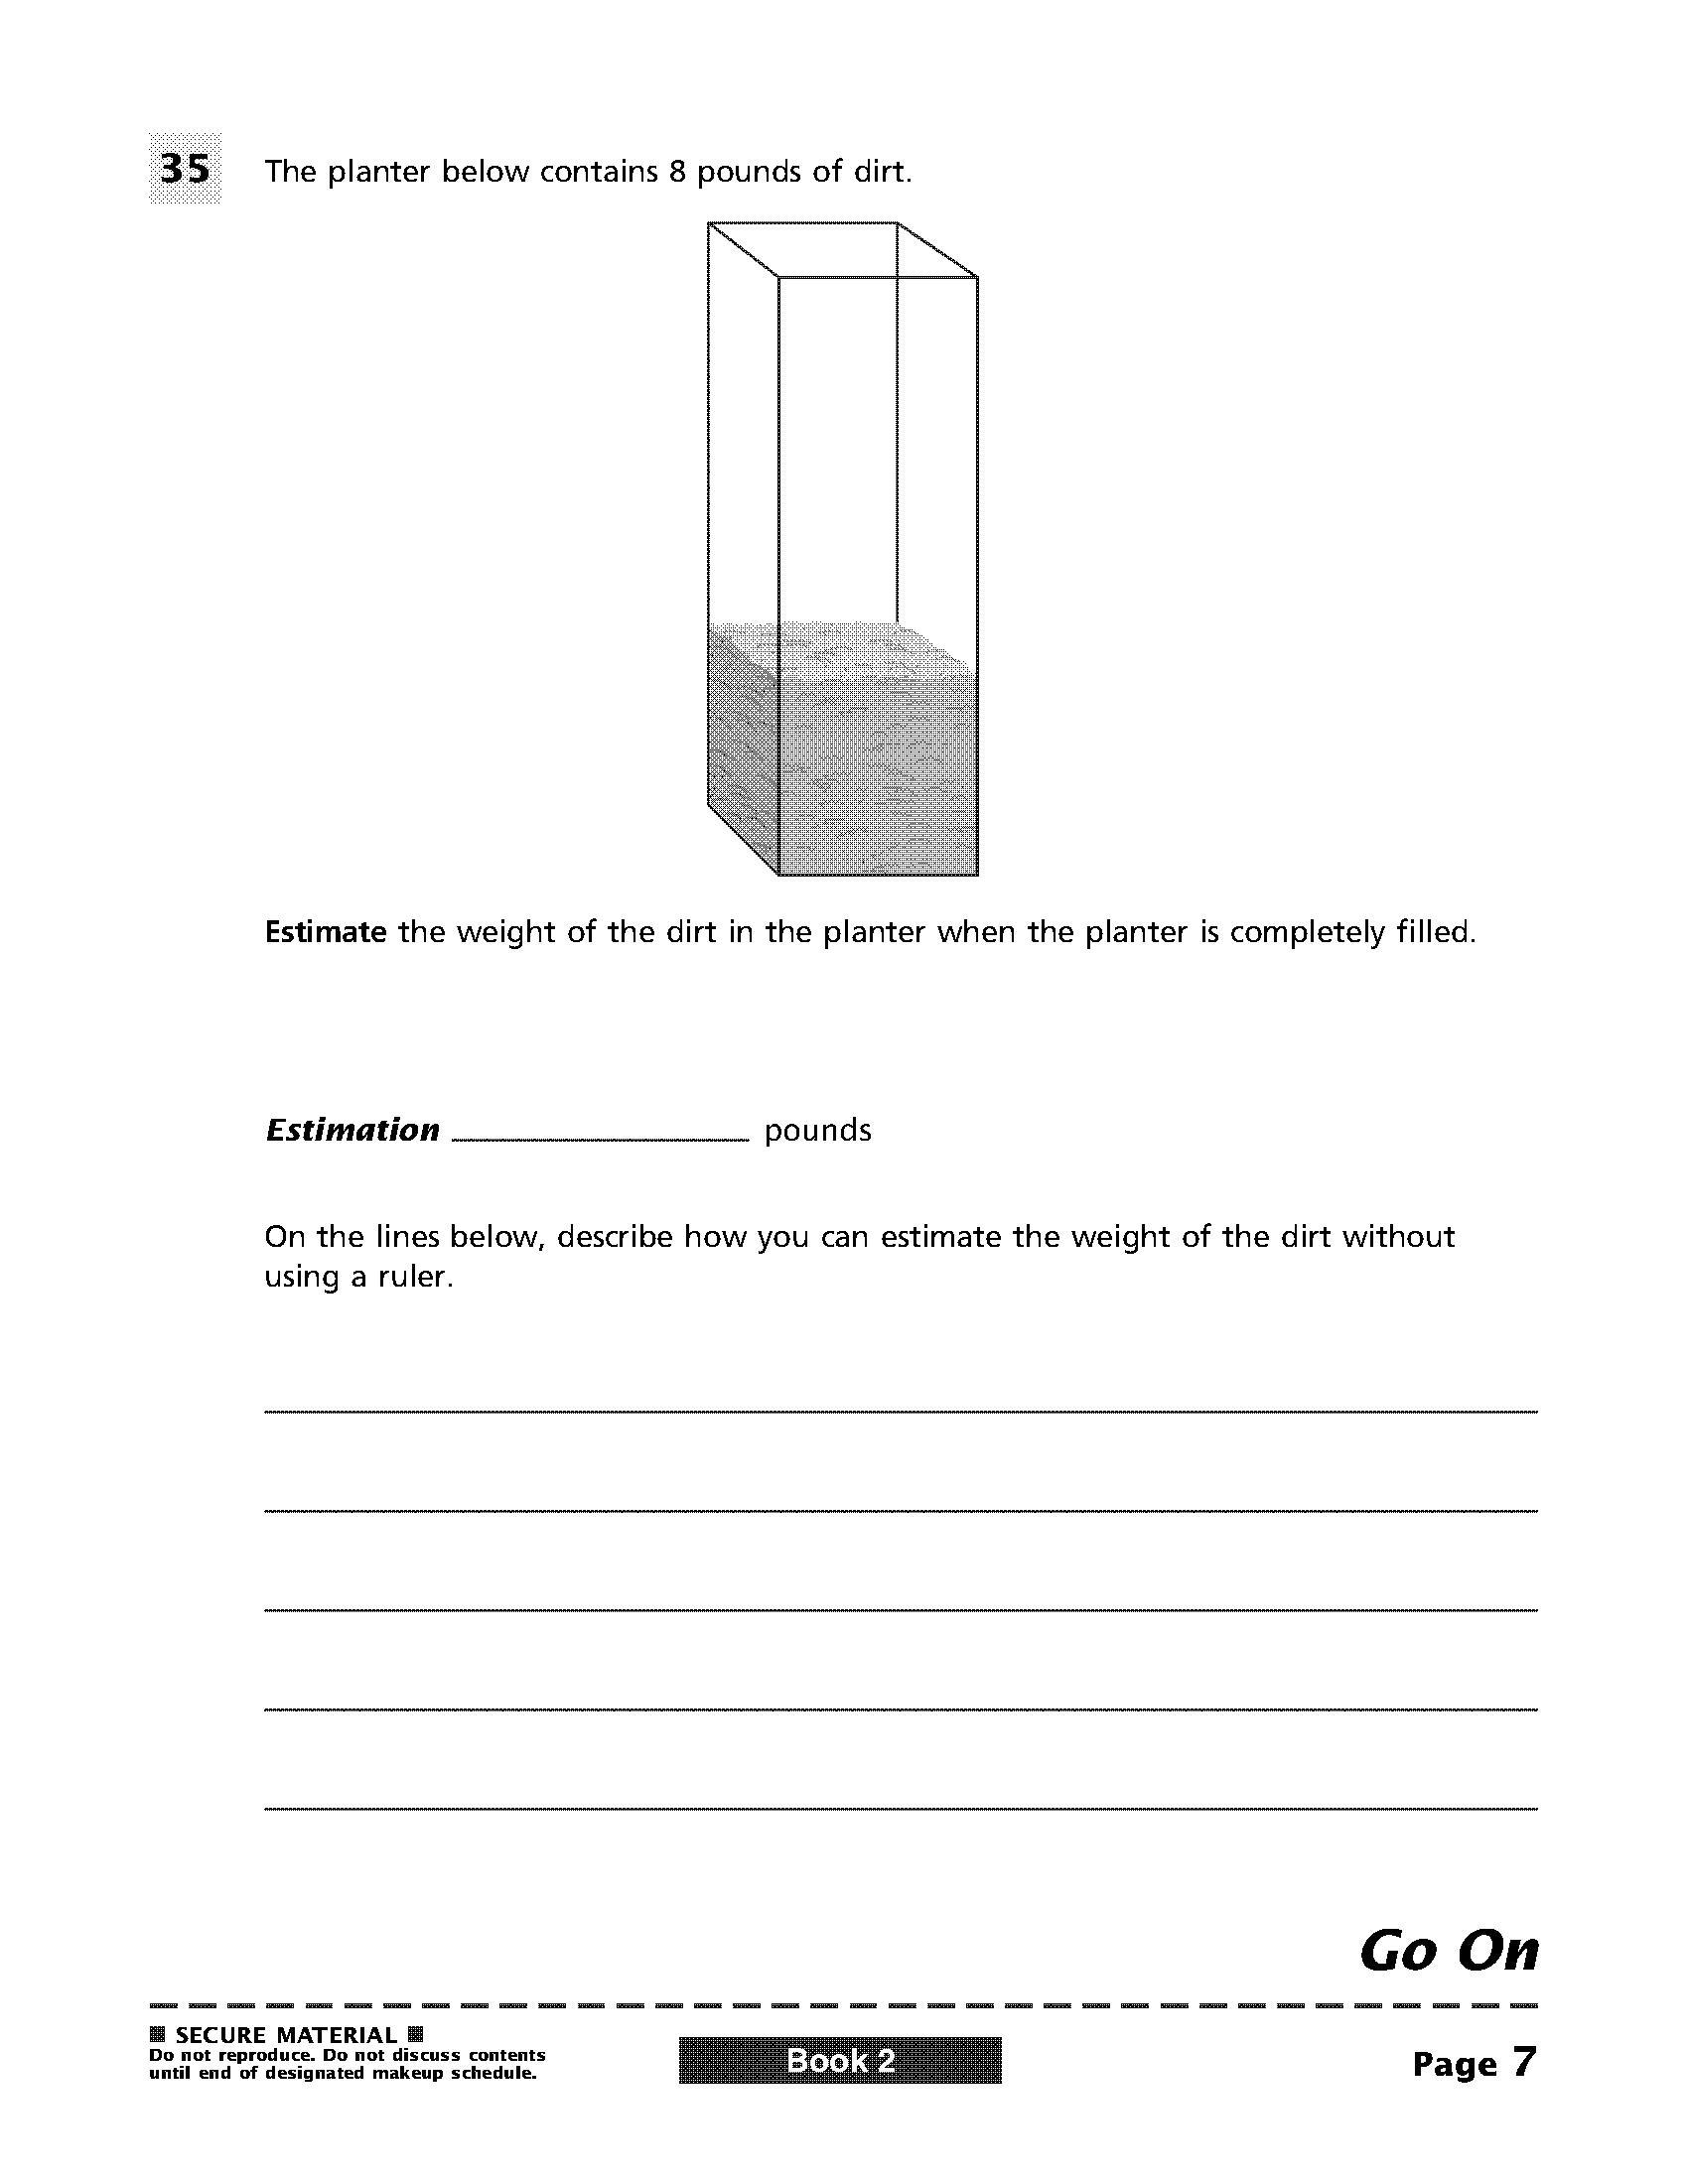 7th Grade Diagnostic English Test